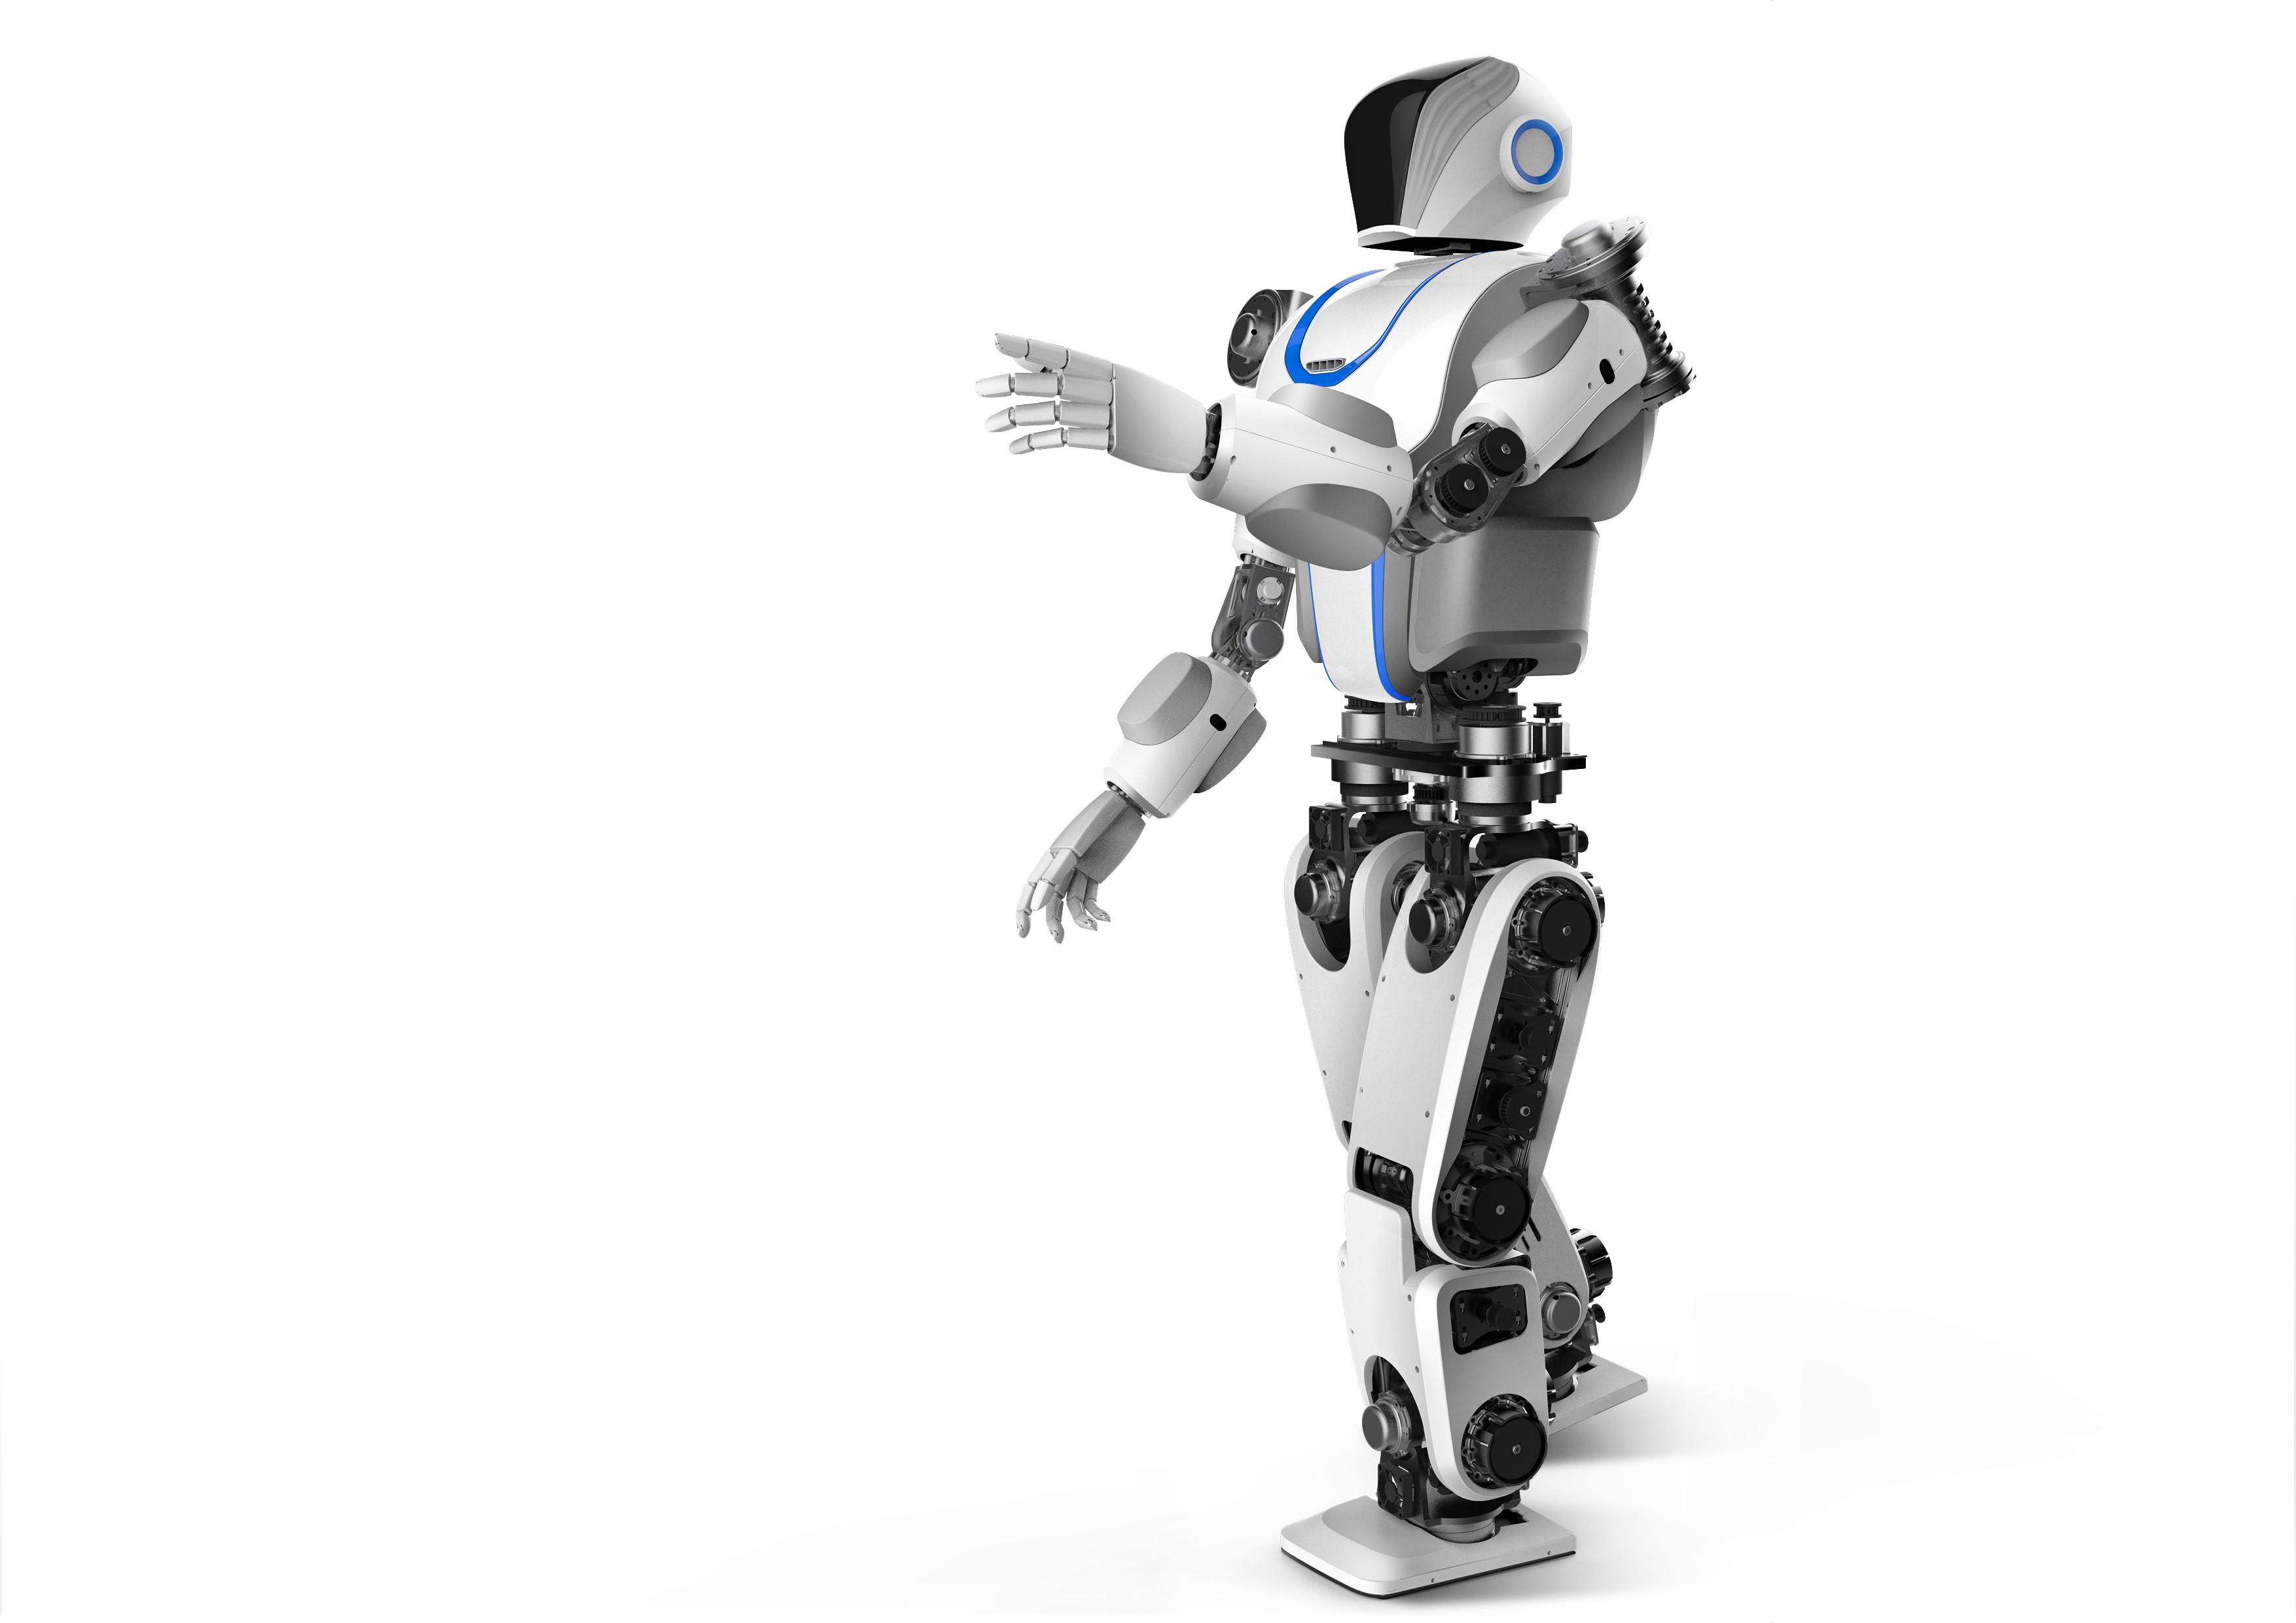 北京钢铁侠科技正在探索,后续也会不断介绍各种先进的机器人技术和